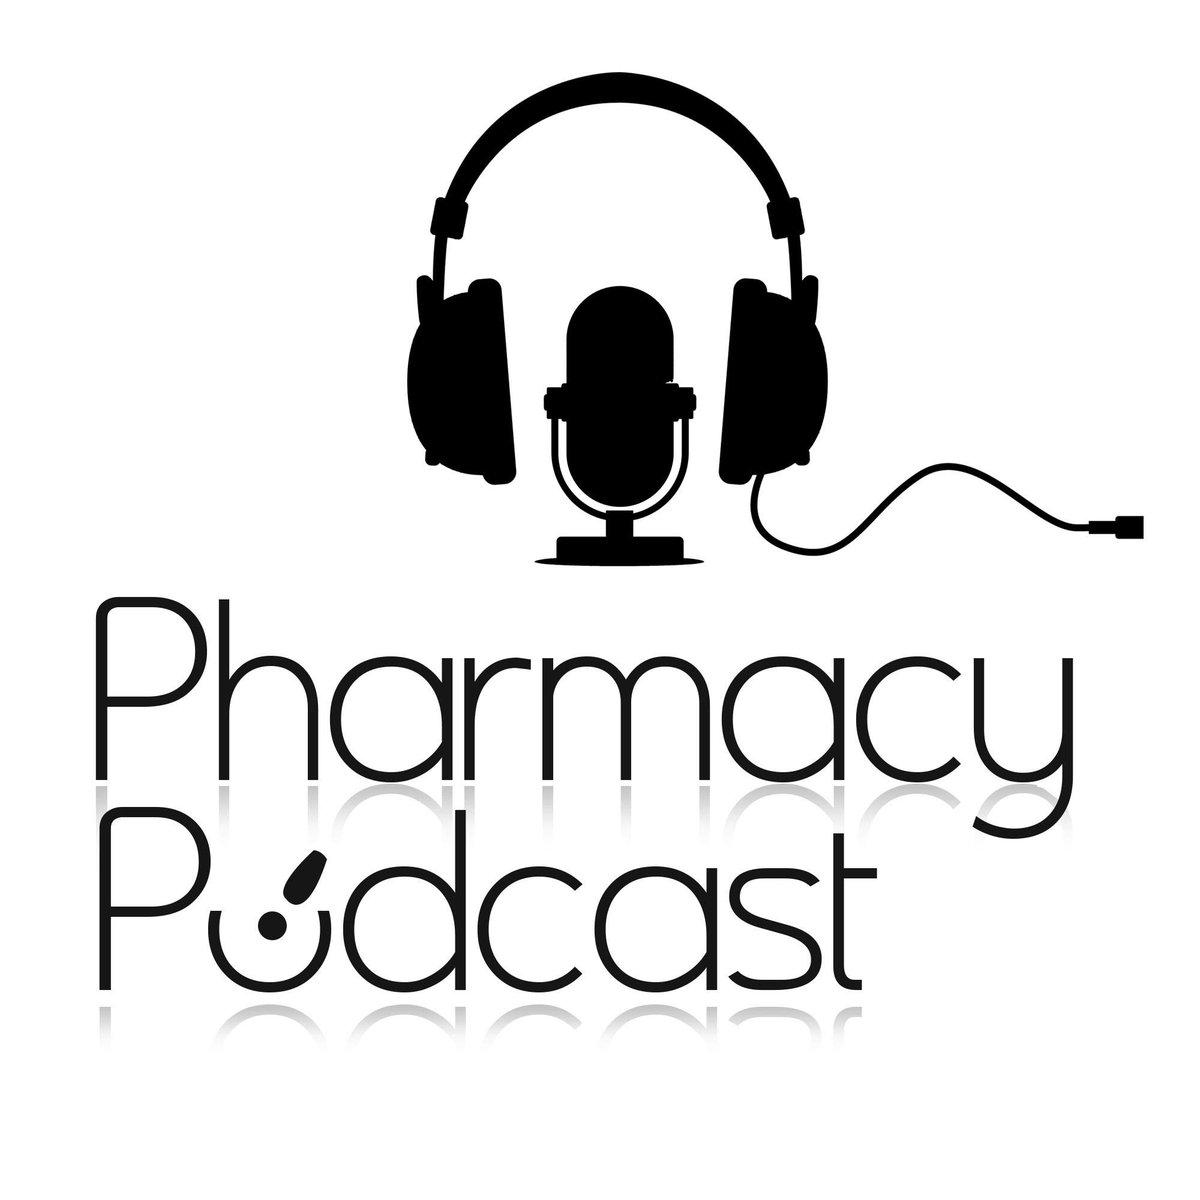 Pharm llc pharmllc twitter pharmacy podcast network xflitez Images